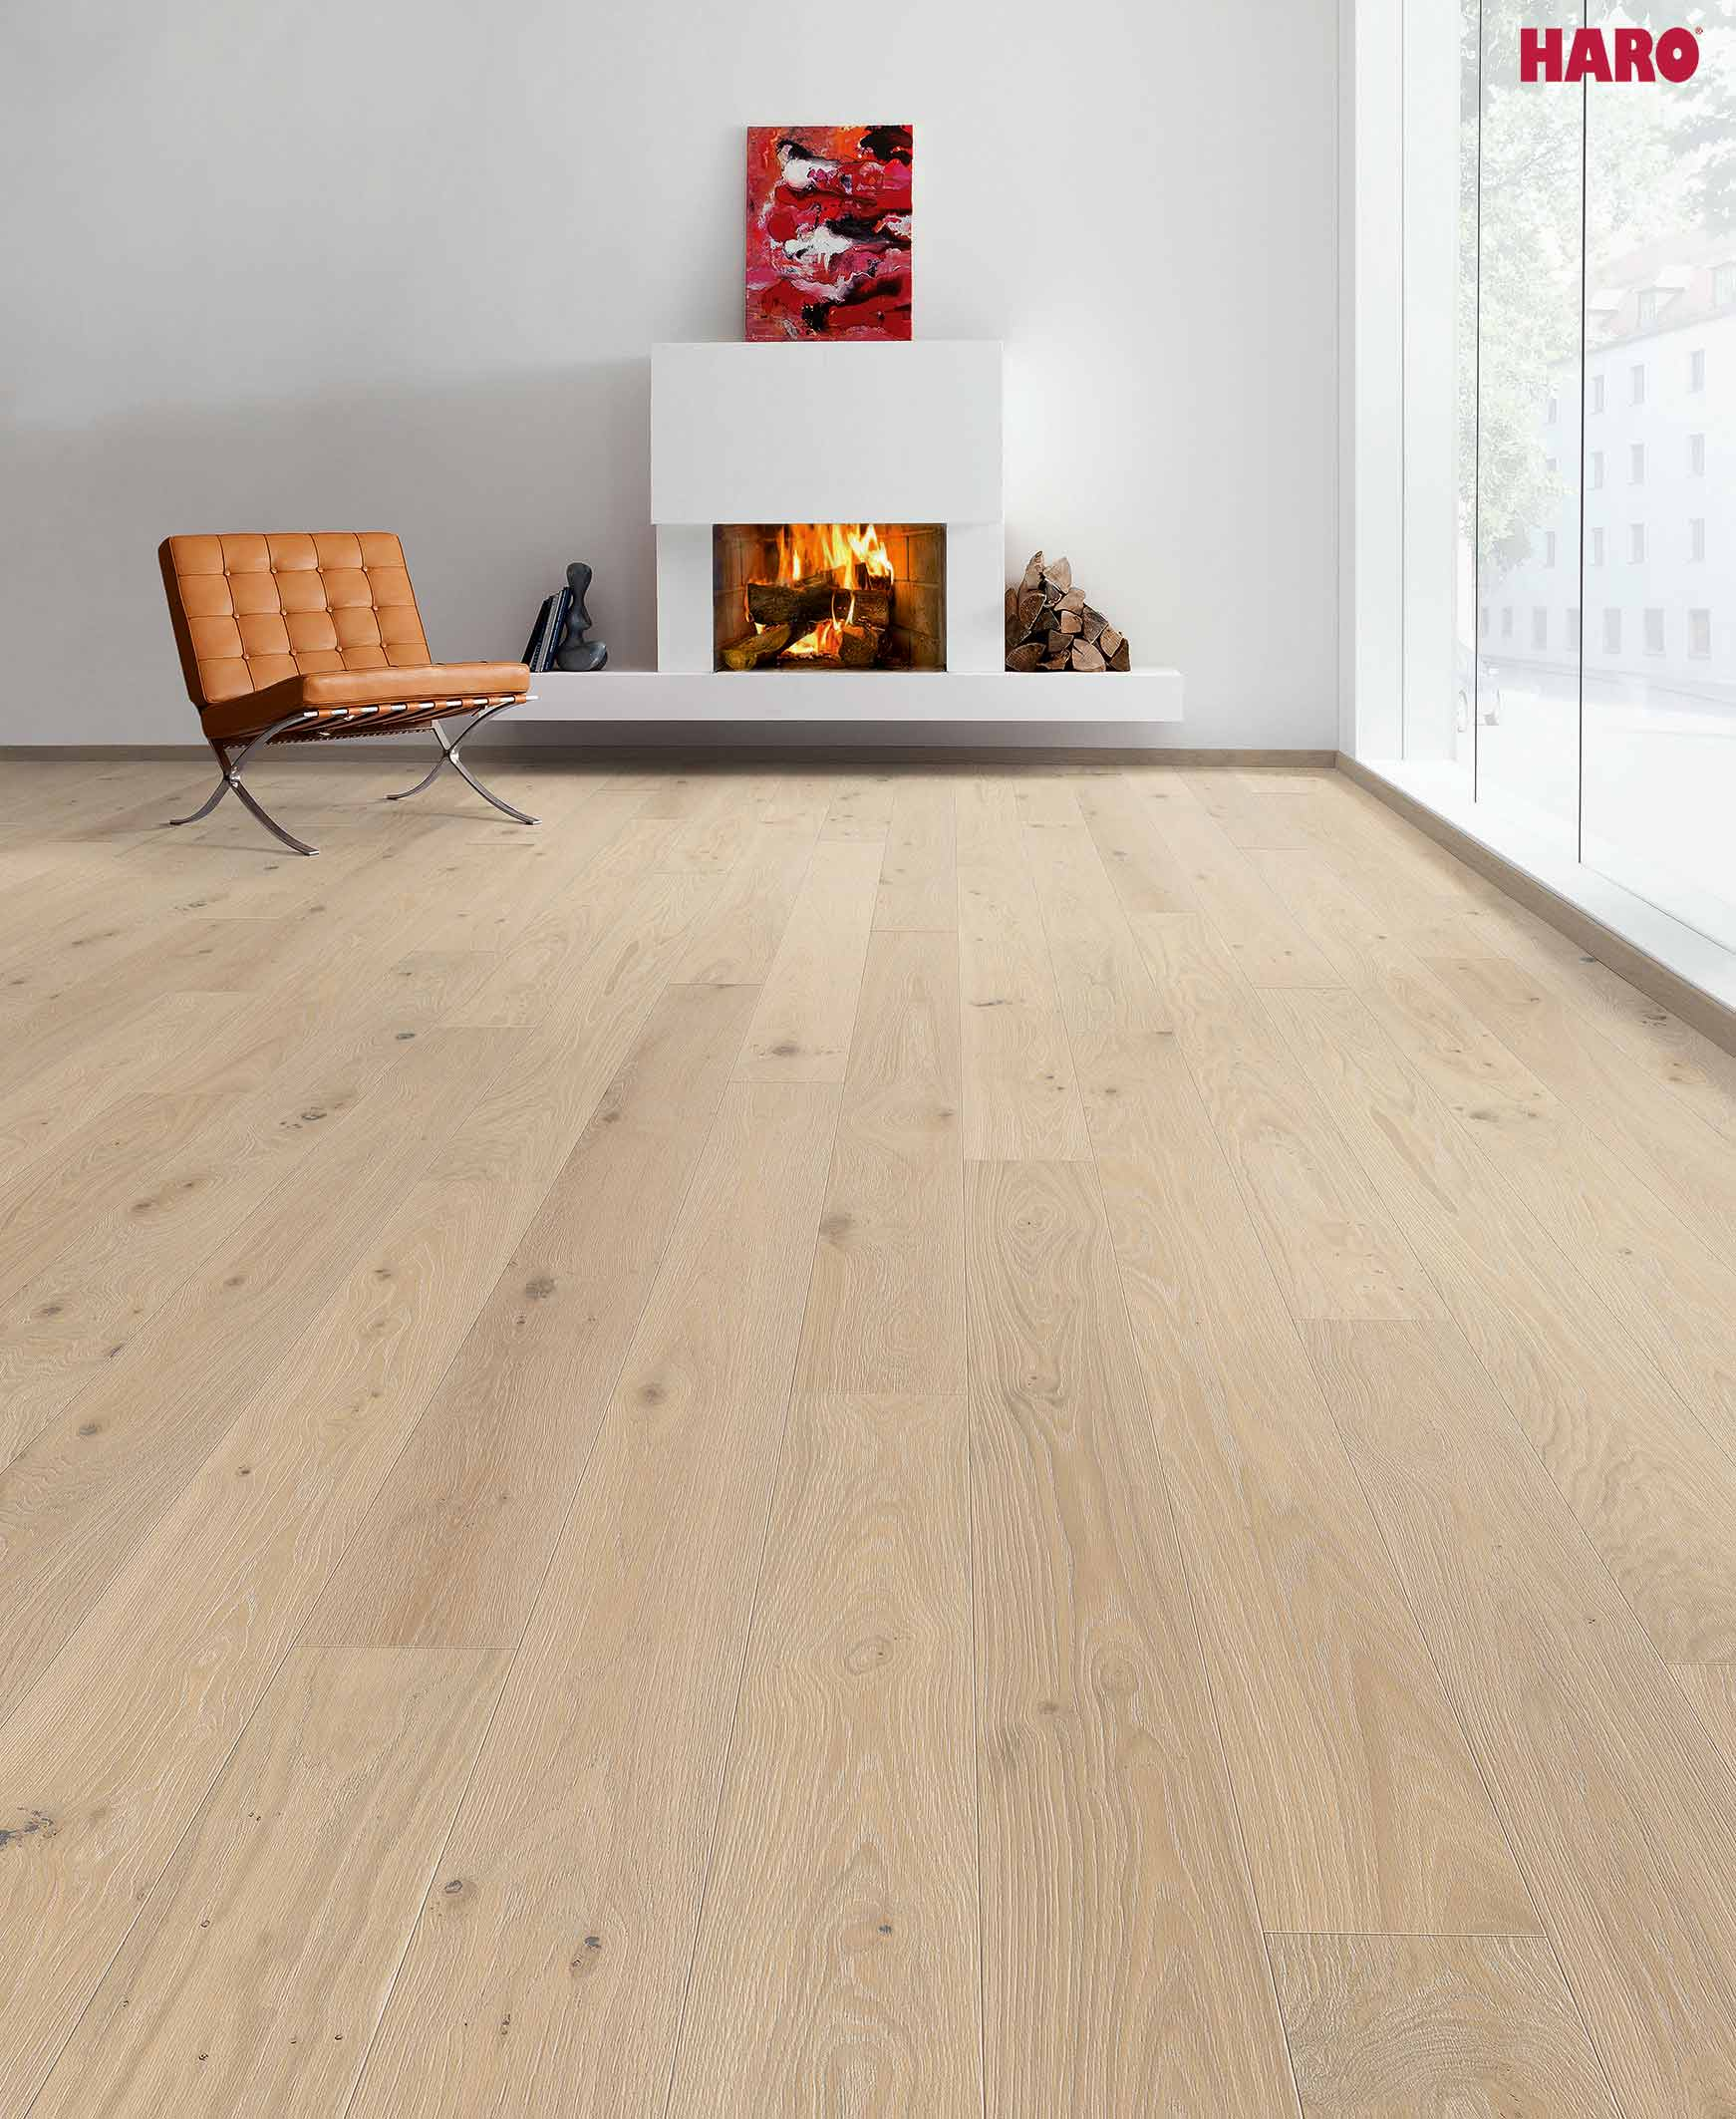 535542 haro parkett landhausdiele 4000 eiche cremeweiss gekalkt sauvage rustico strukturiert 4v. Black Bedroom Furniture Sets. Home Design Ideas